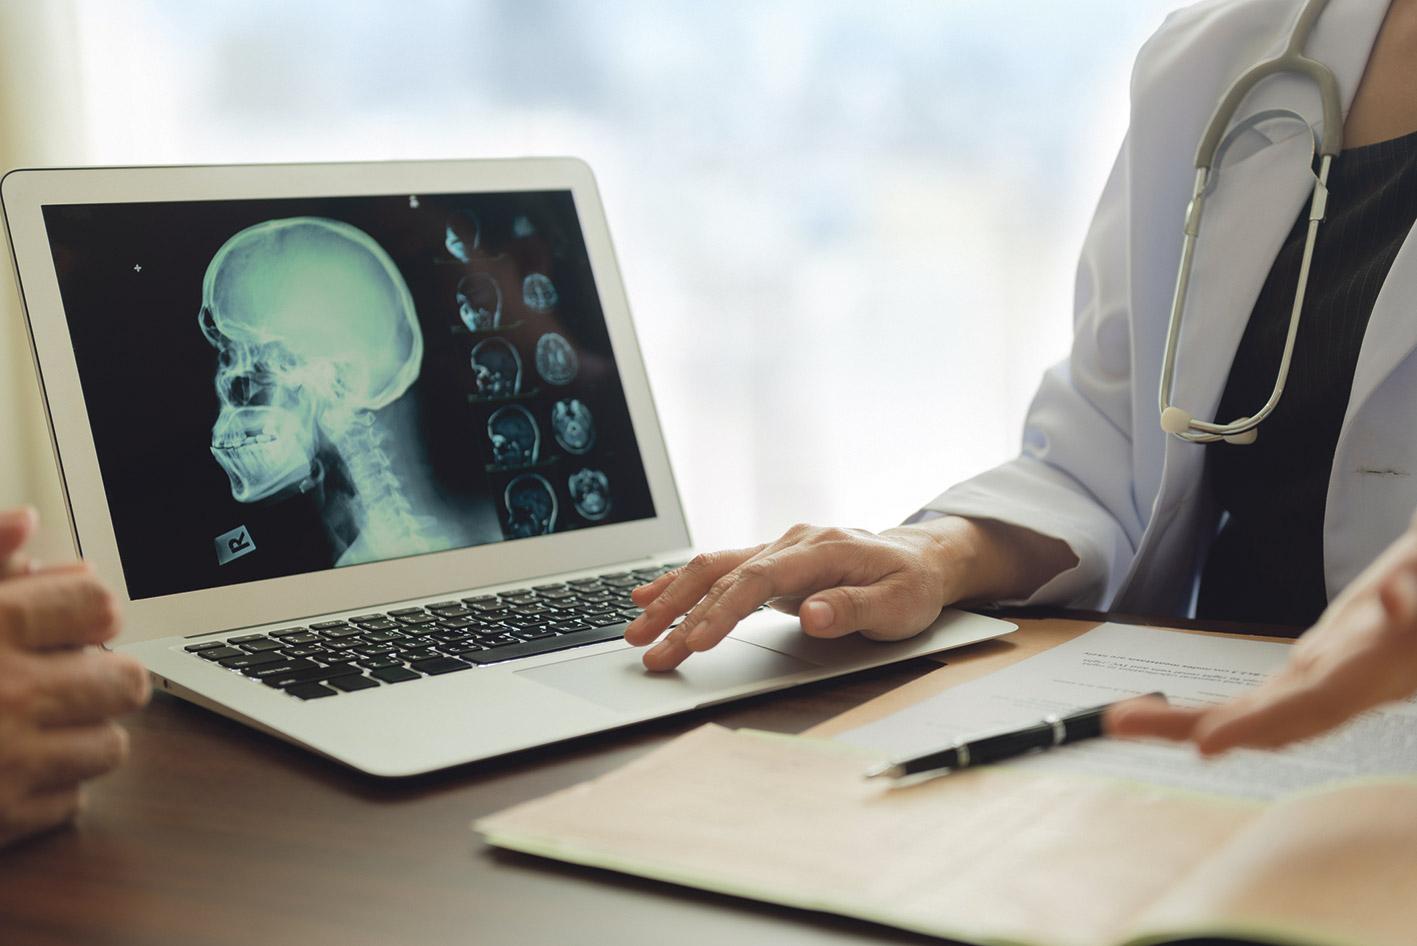 Ärztin, die am Schreibtisch sitzt und ein Schädel-MRT zeigt.